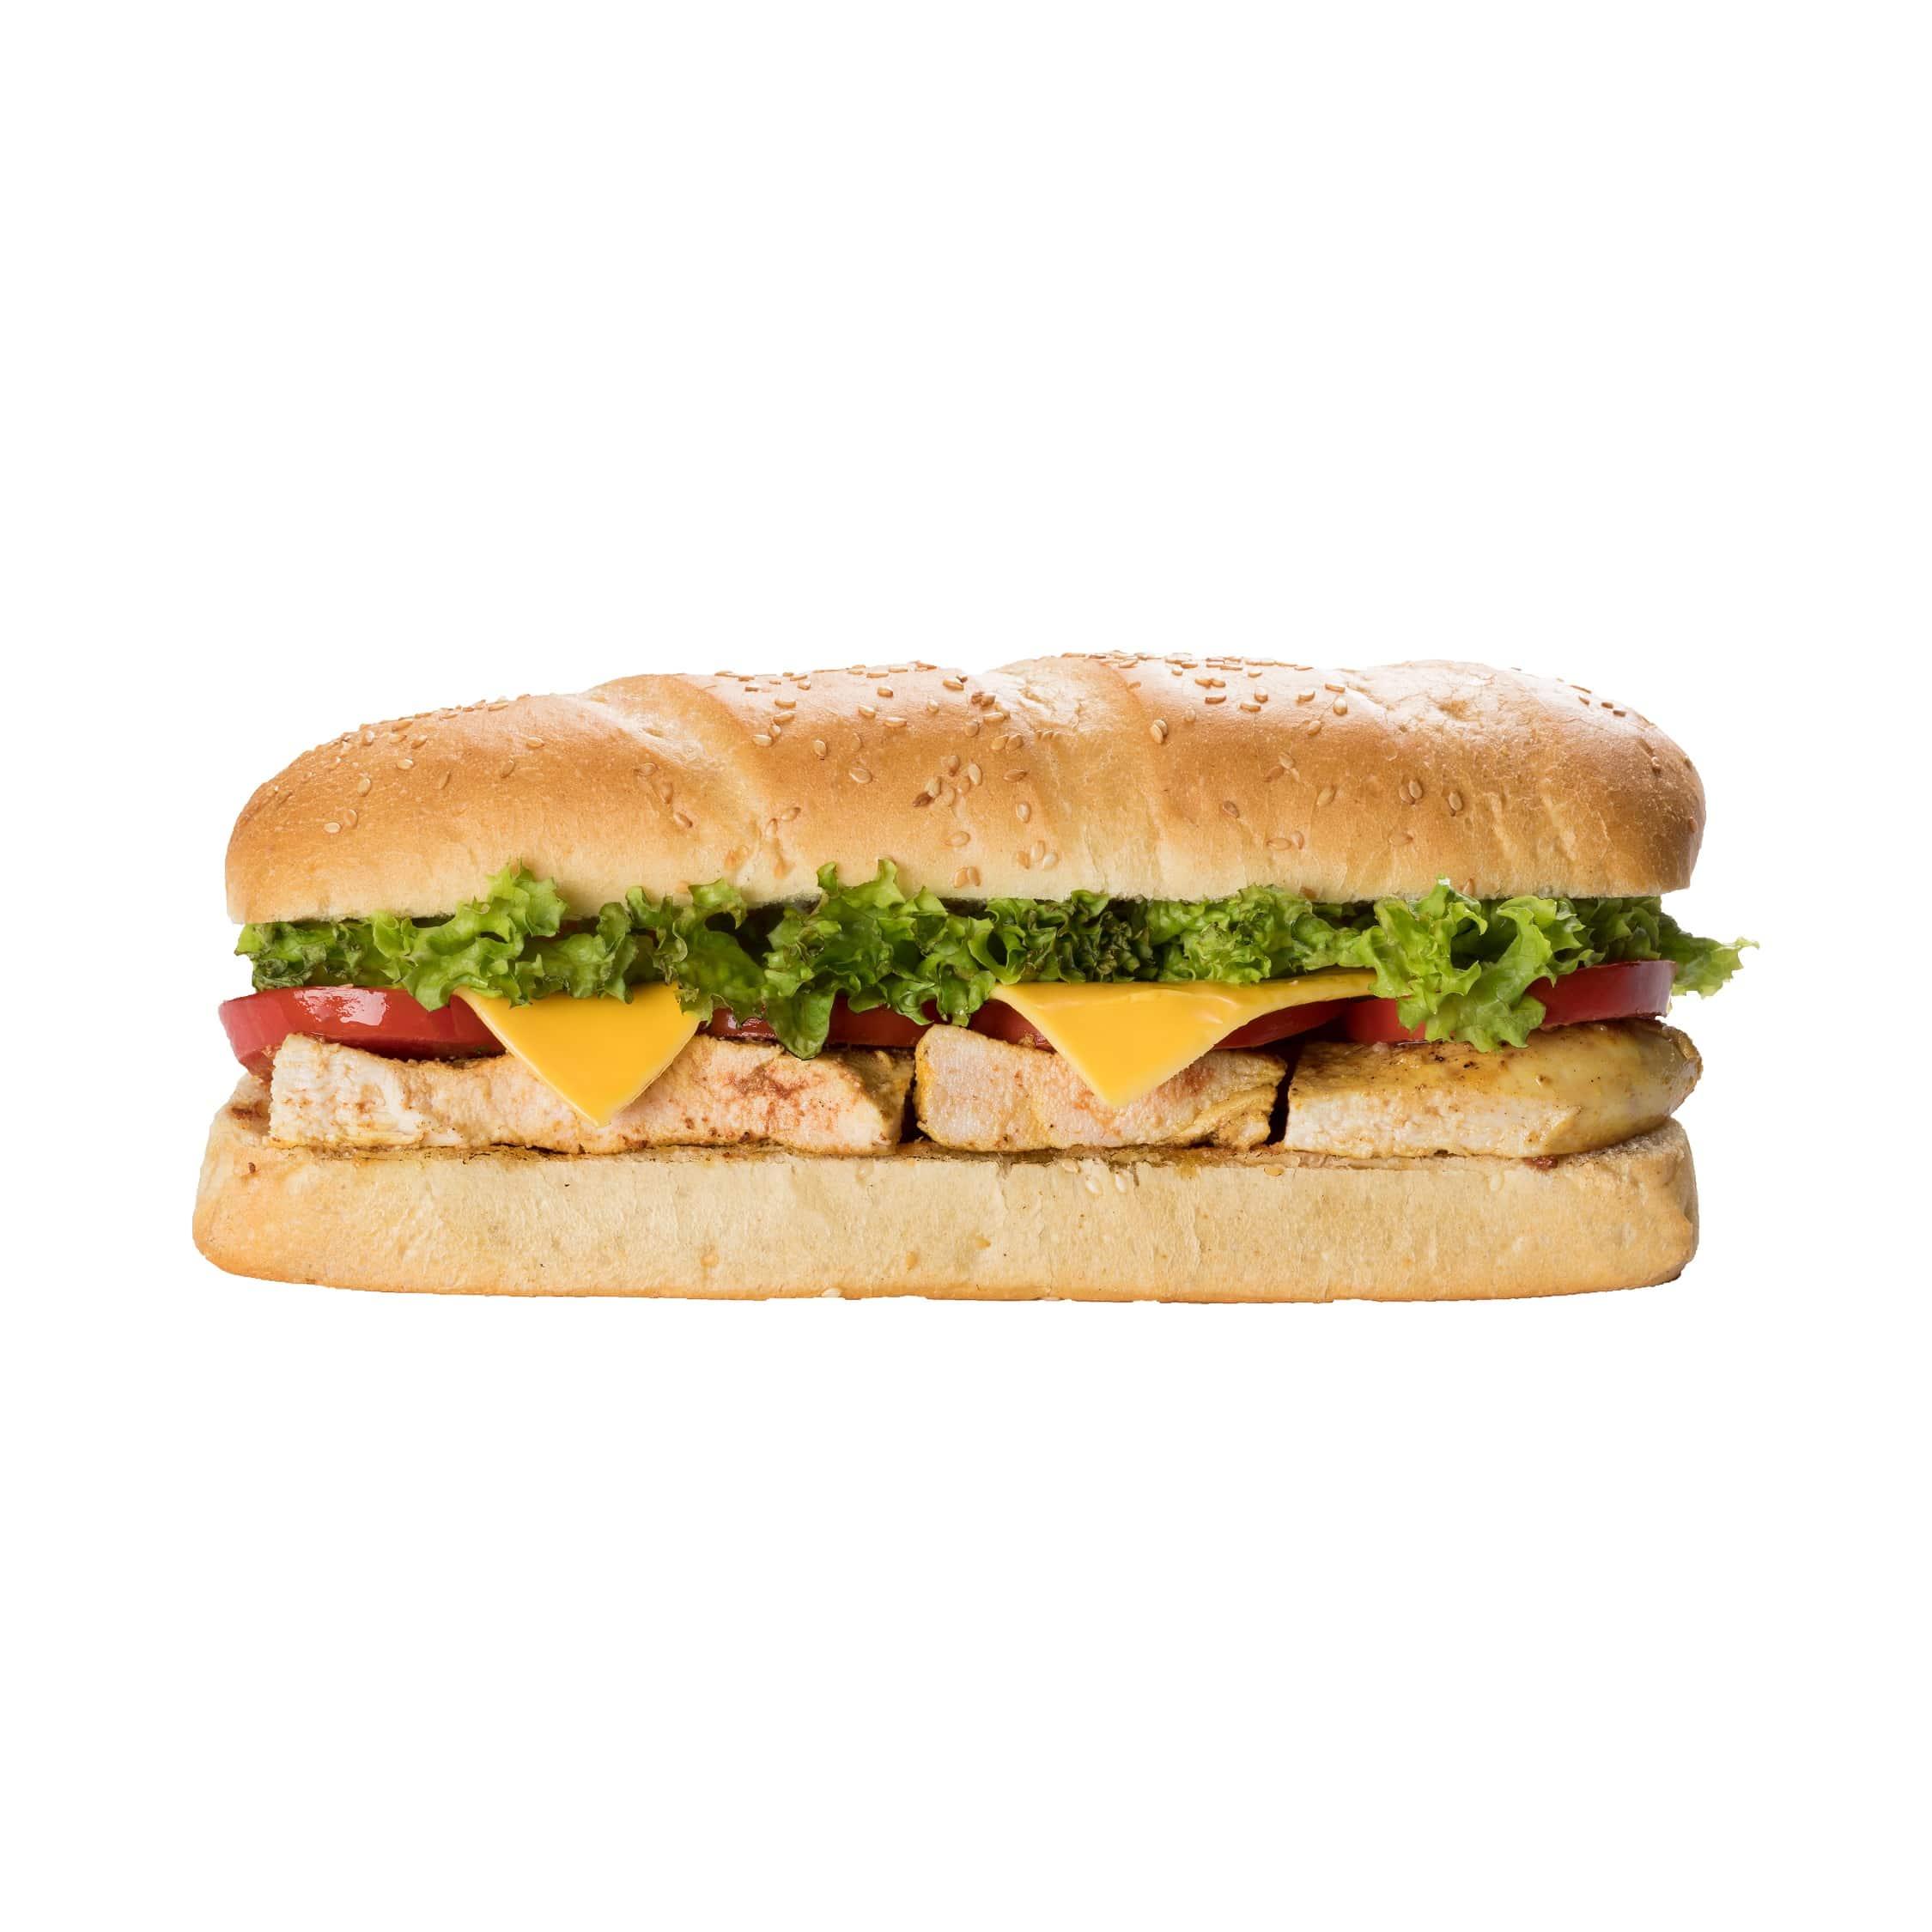 ساندویچ فیله بوقلمون